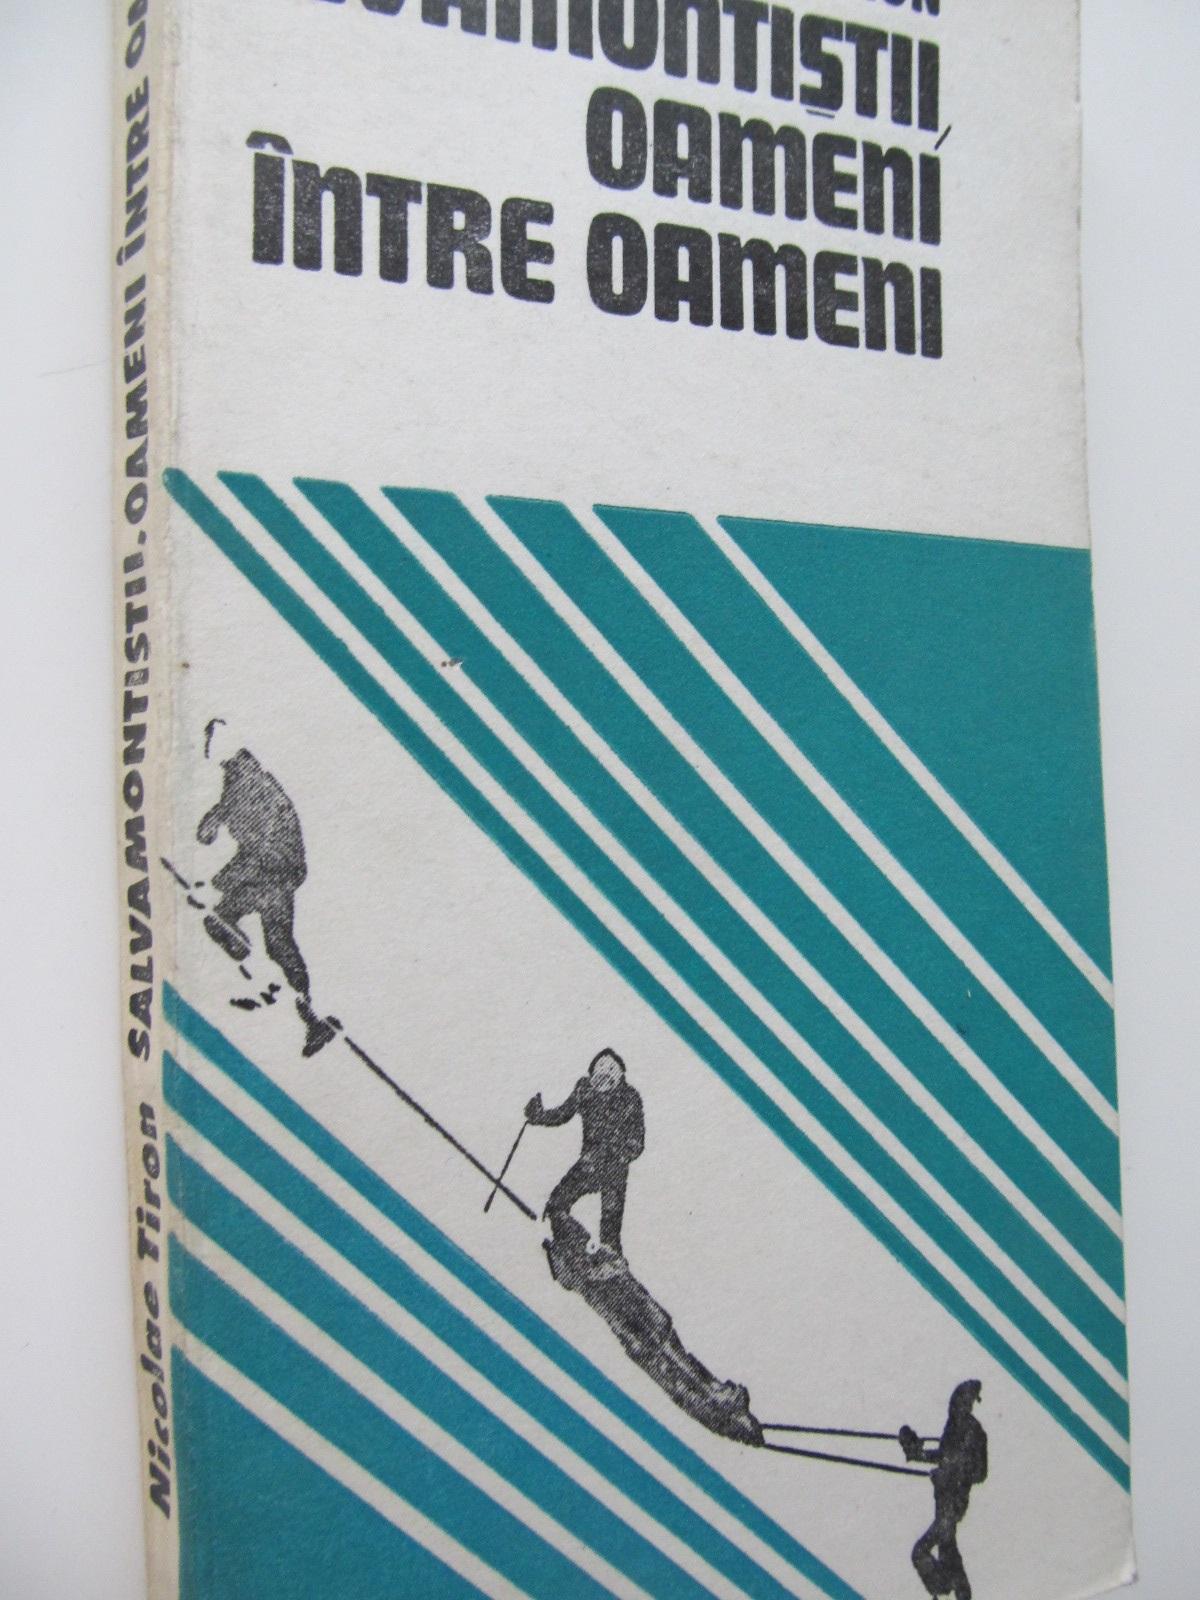 Carte Salvamontistii oameni intre oameni - Nicolae Tiron